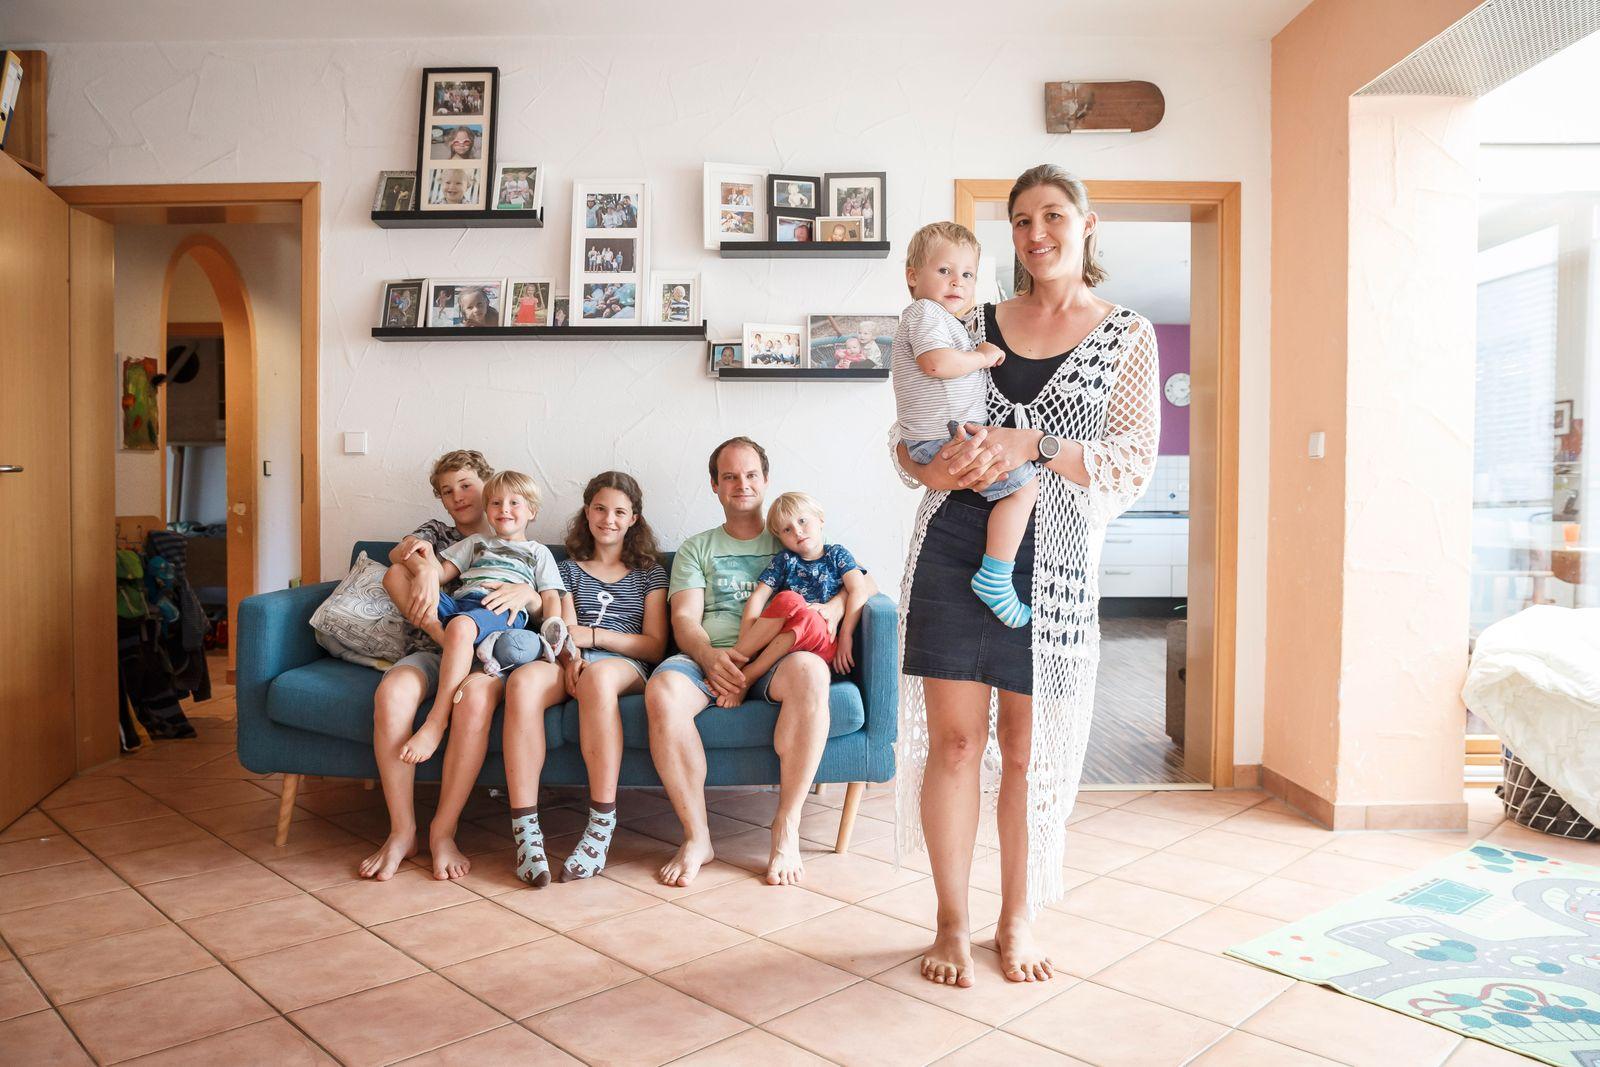 Frau Zarah Abendschön-Sawall und ihre Familie am 30.07.2020 in ihrem Haus in Schwaigern (Landkreis Heilbronn). Hintergrund: Familien und Schulbetrieb nach den Sommerferien